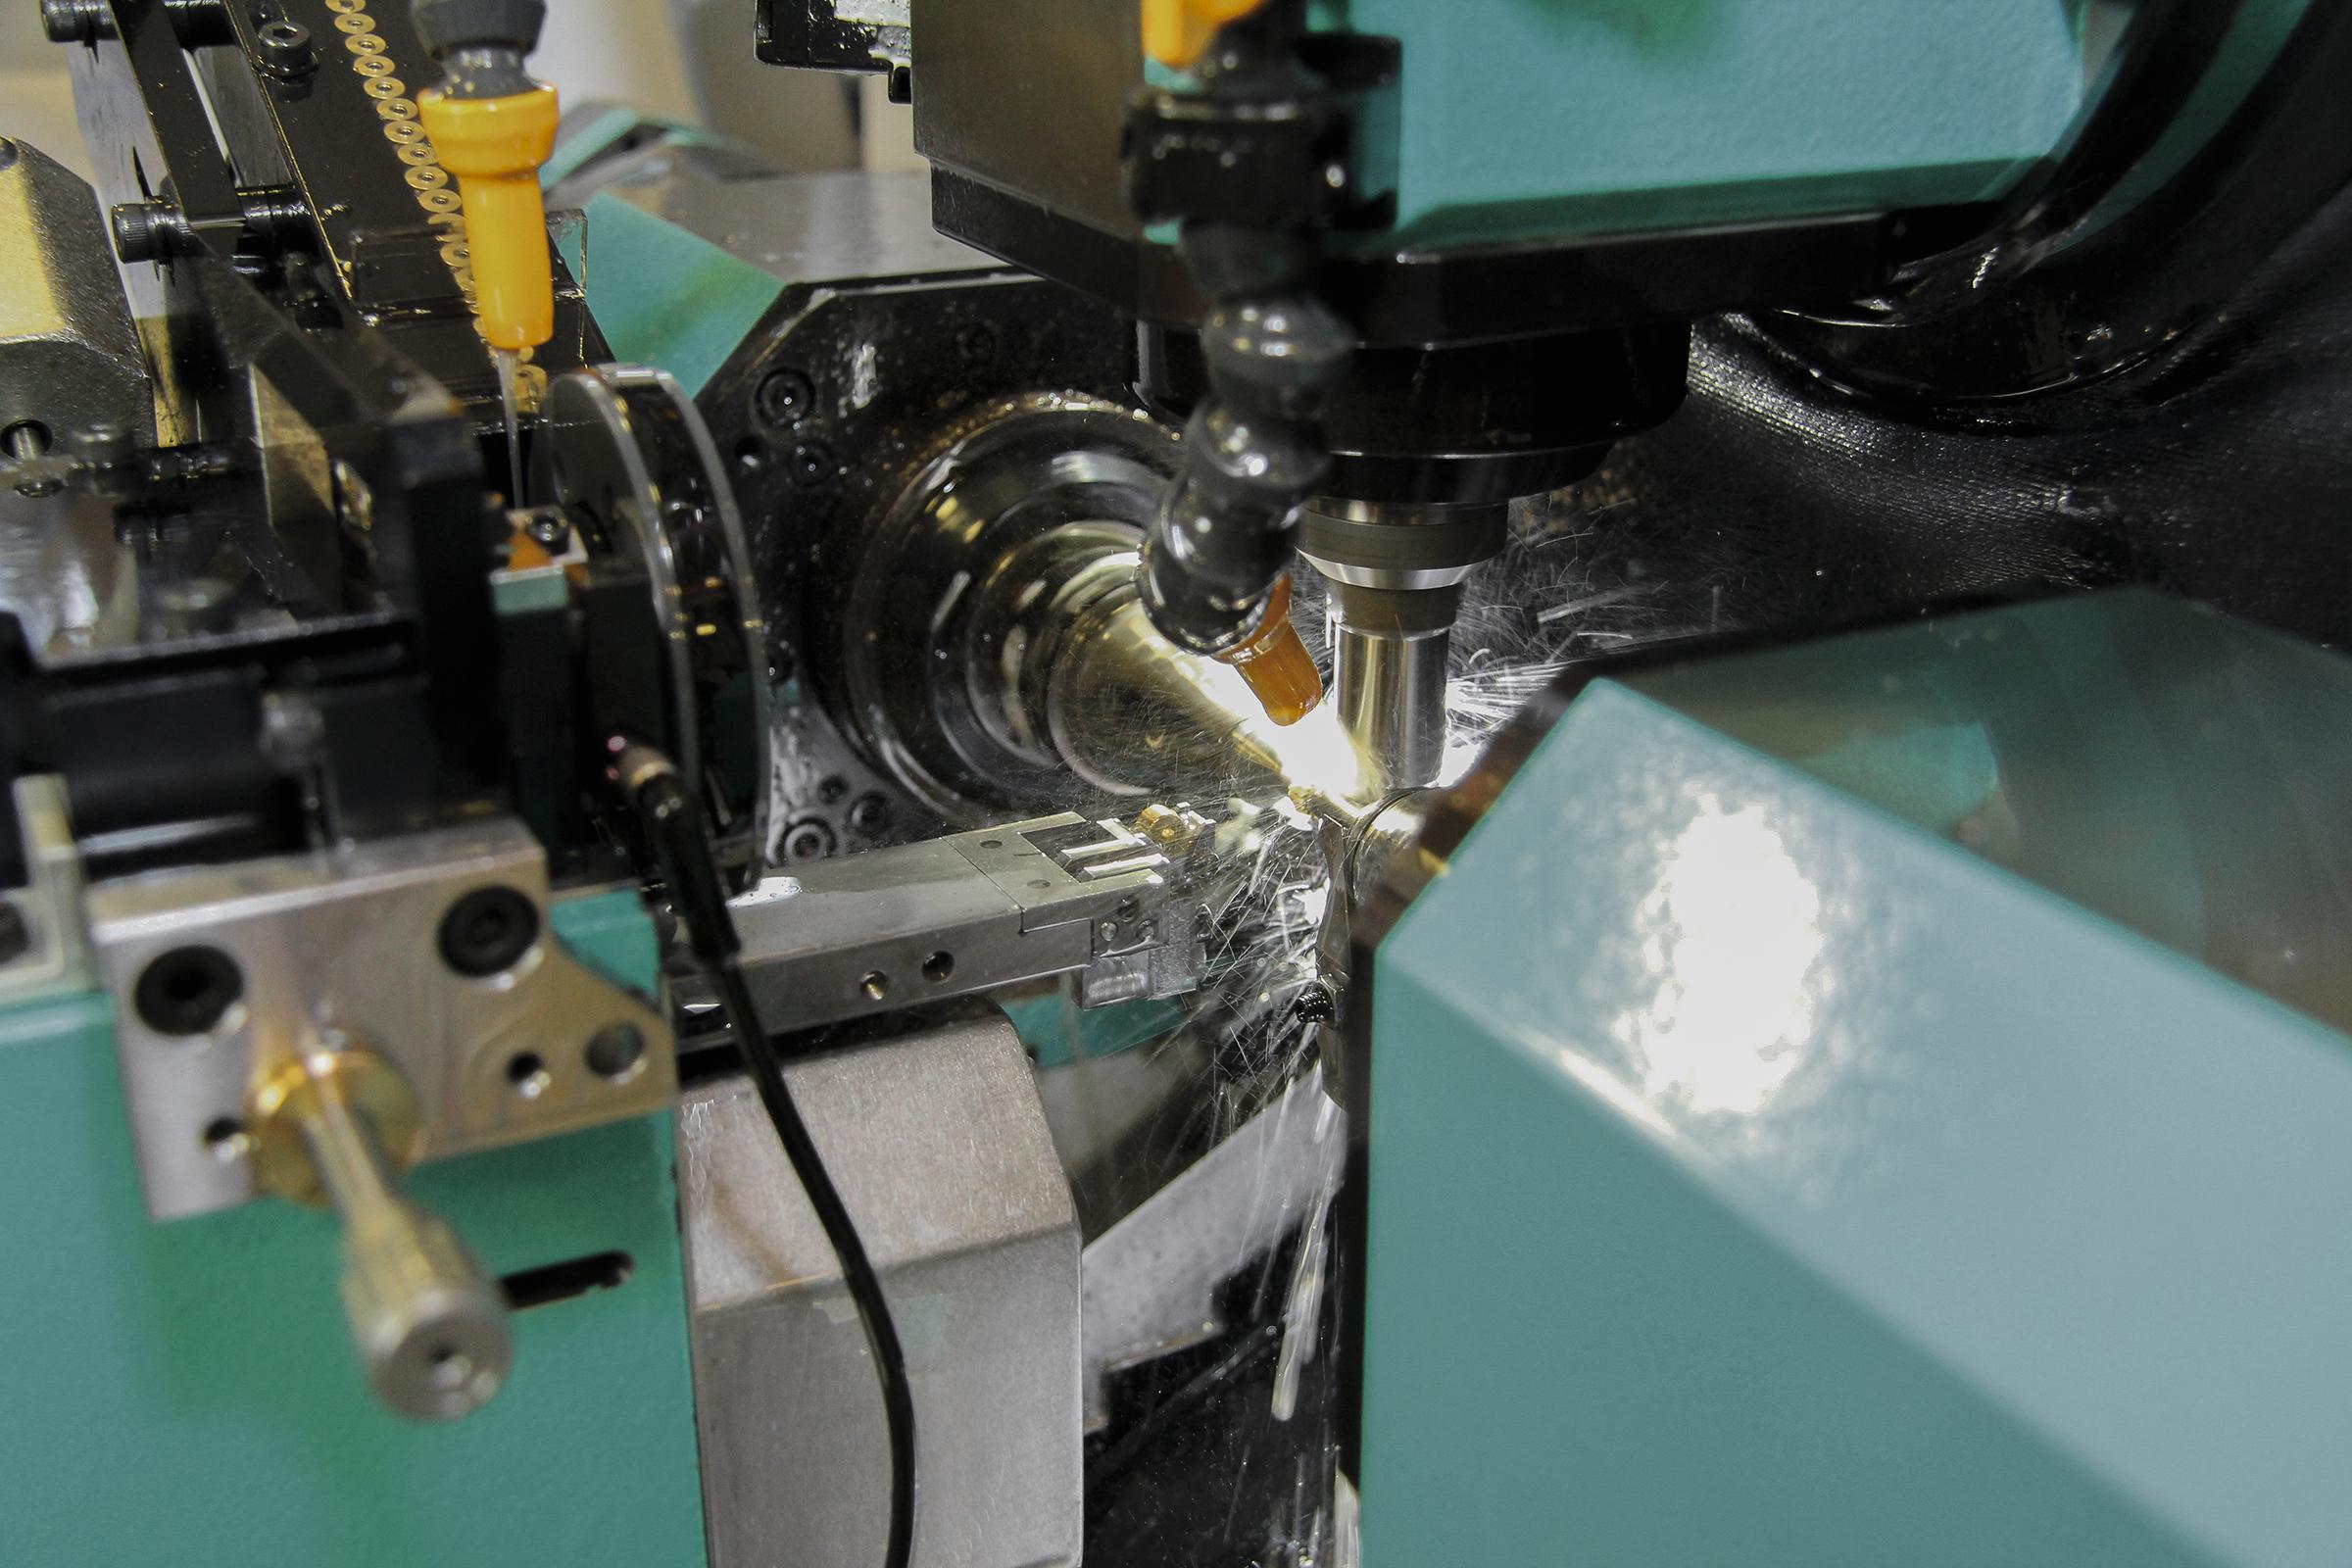 AF45 Loader system with conveyor